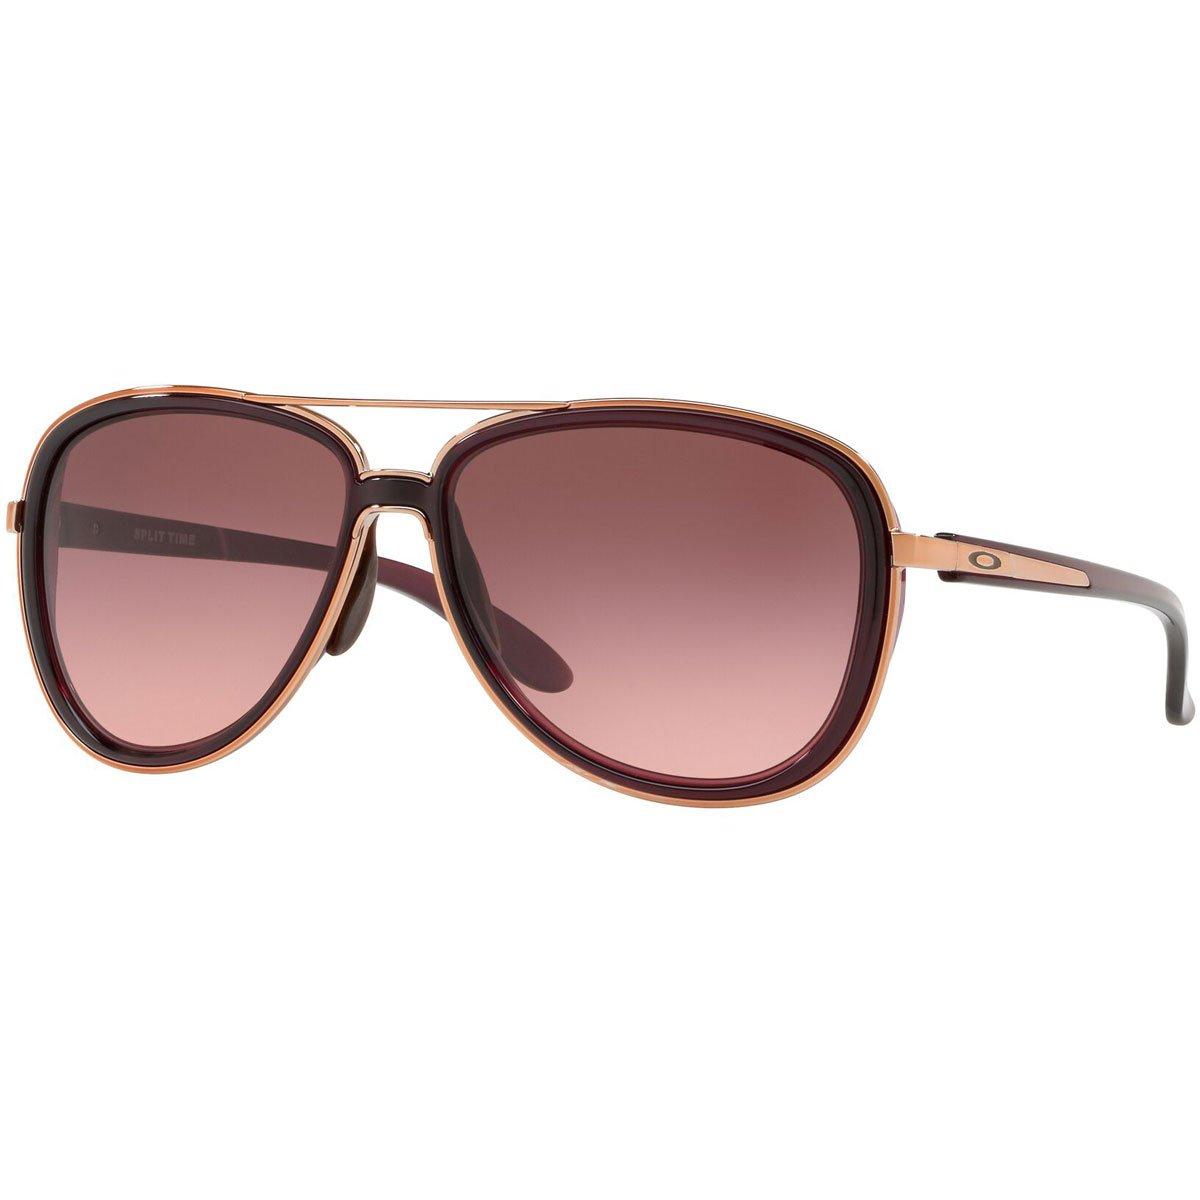 Oakley Women's OO4129 Split Time Aviator Metal Sunglasses, Crystal Raspberry/G40 Black Gradient, 58 mm by Oakley